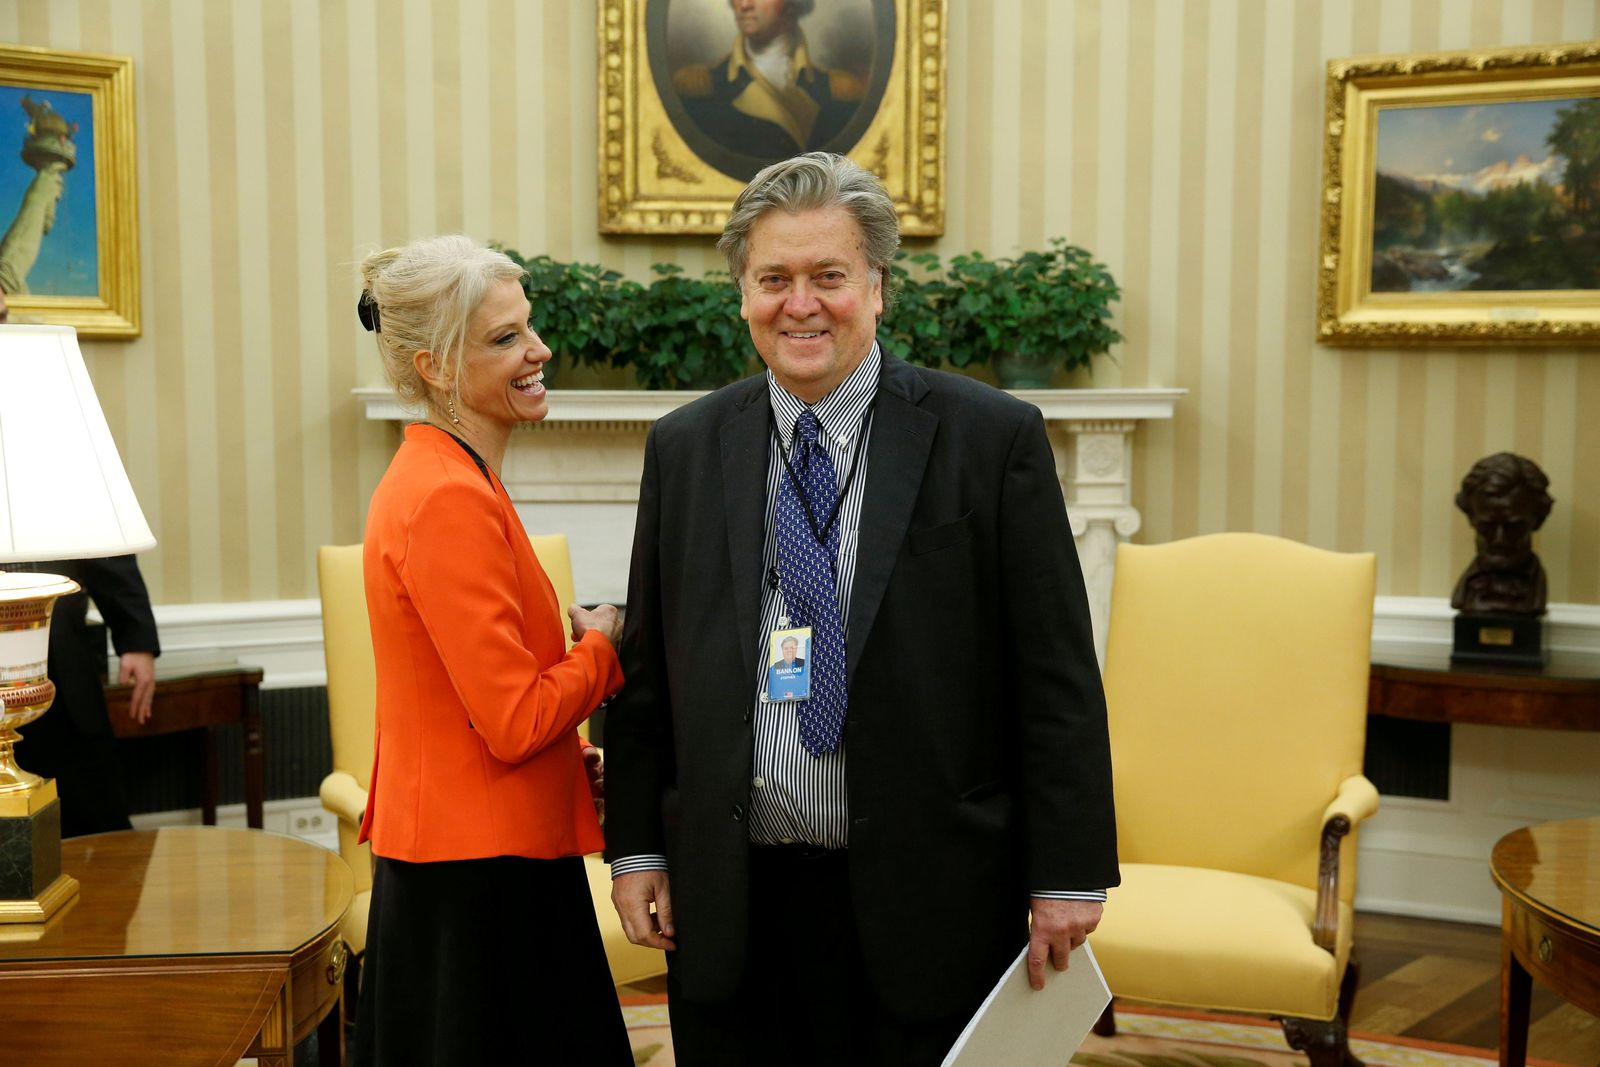 USA-TRUMP/NATIONAL SECURITY